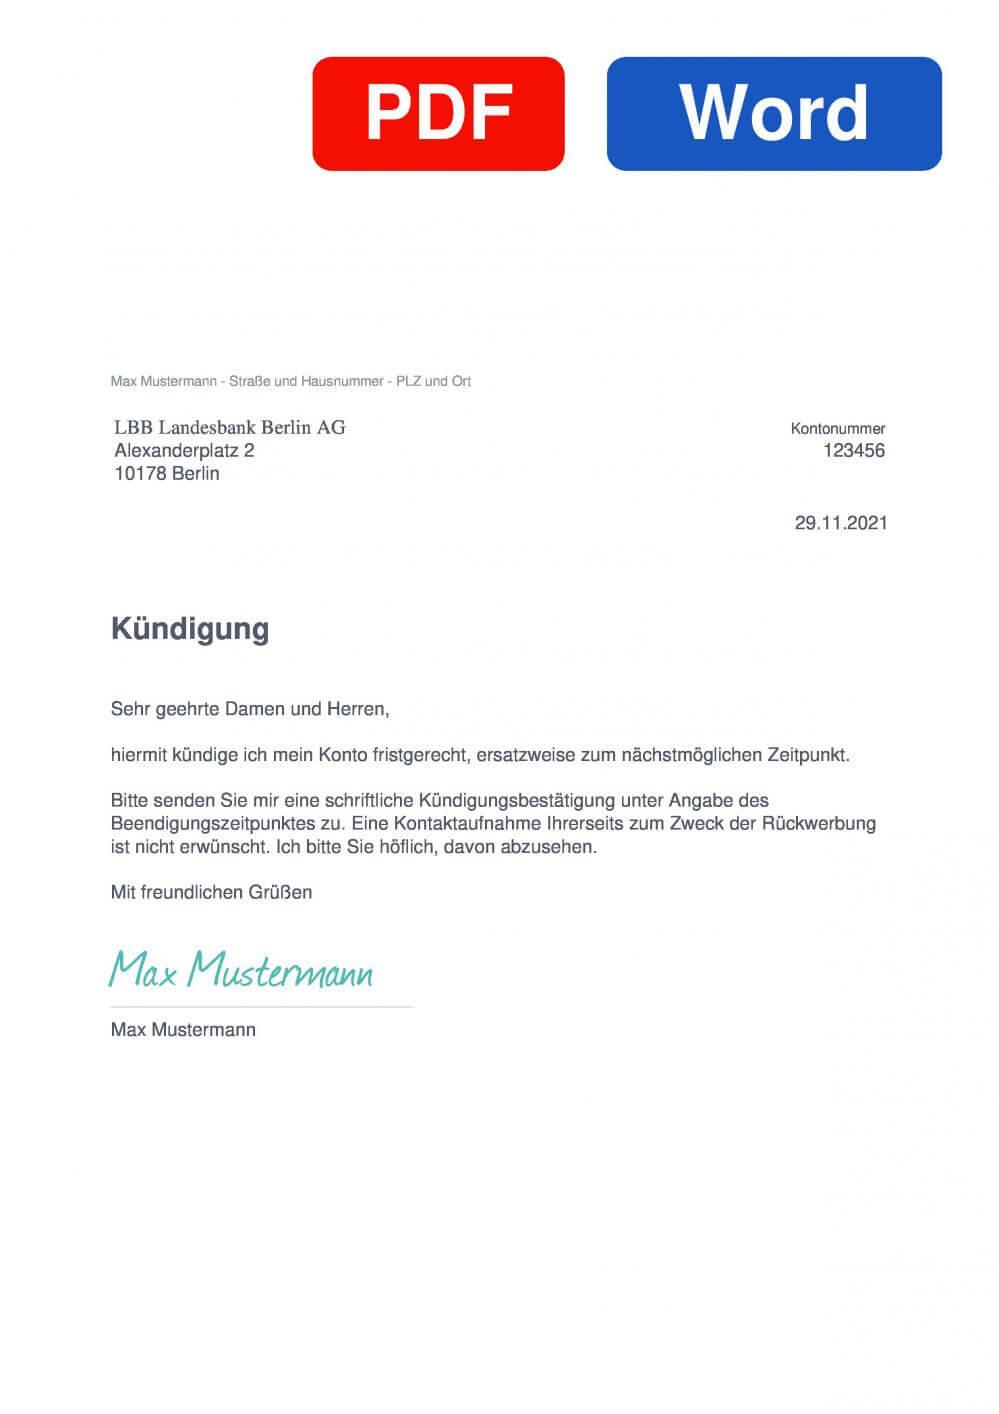 LBB Landesbank Berlin Muster Vorlage für Kündigungsschreiben